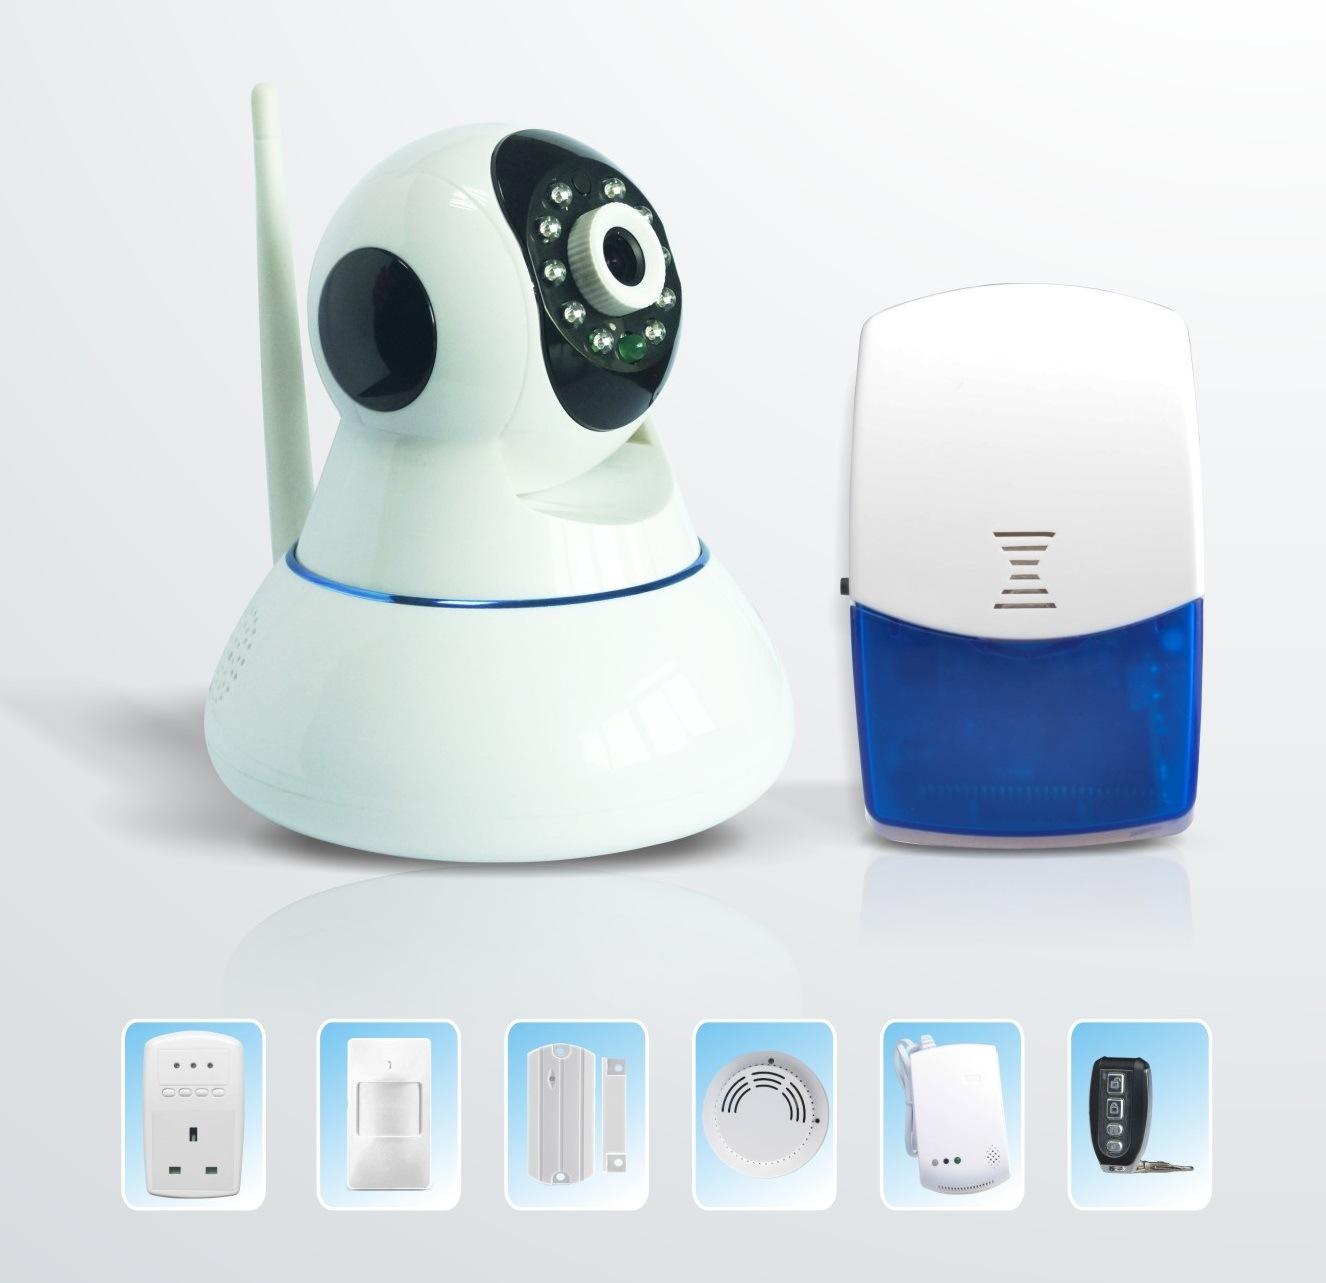 GSM Alarm IP Camera with APP Remote Control (ES-88-GIW)